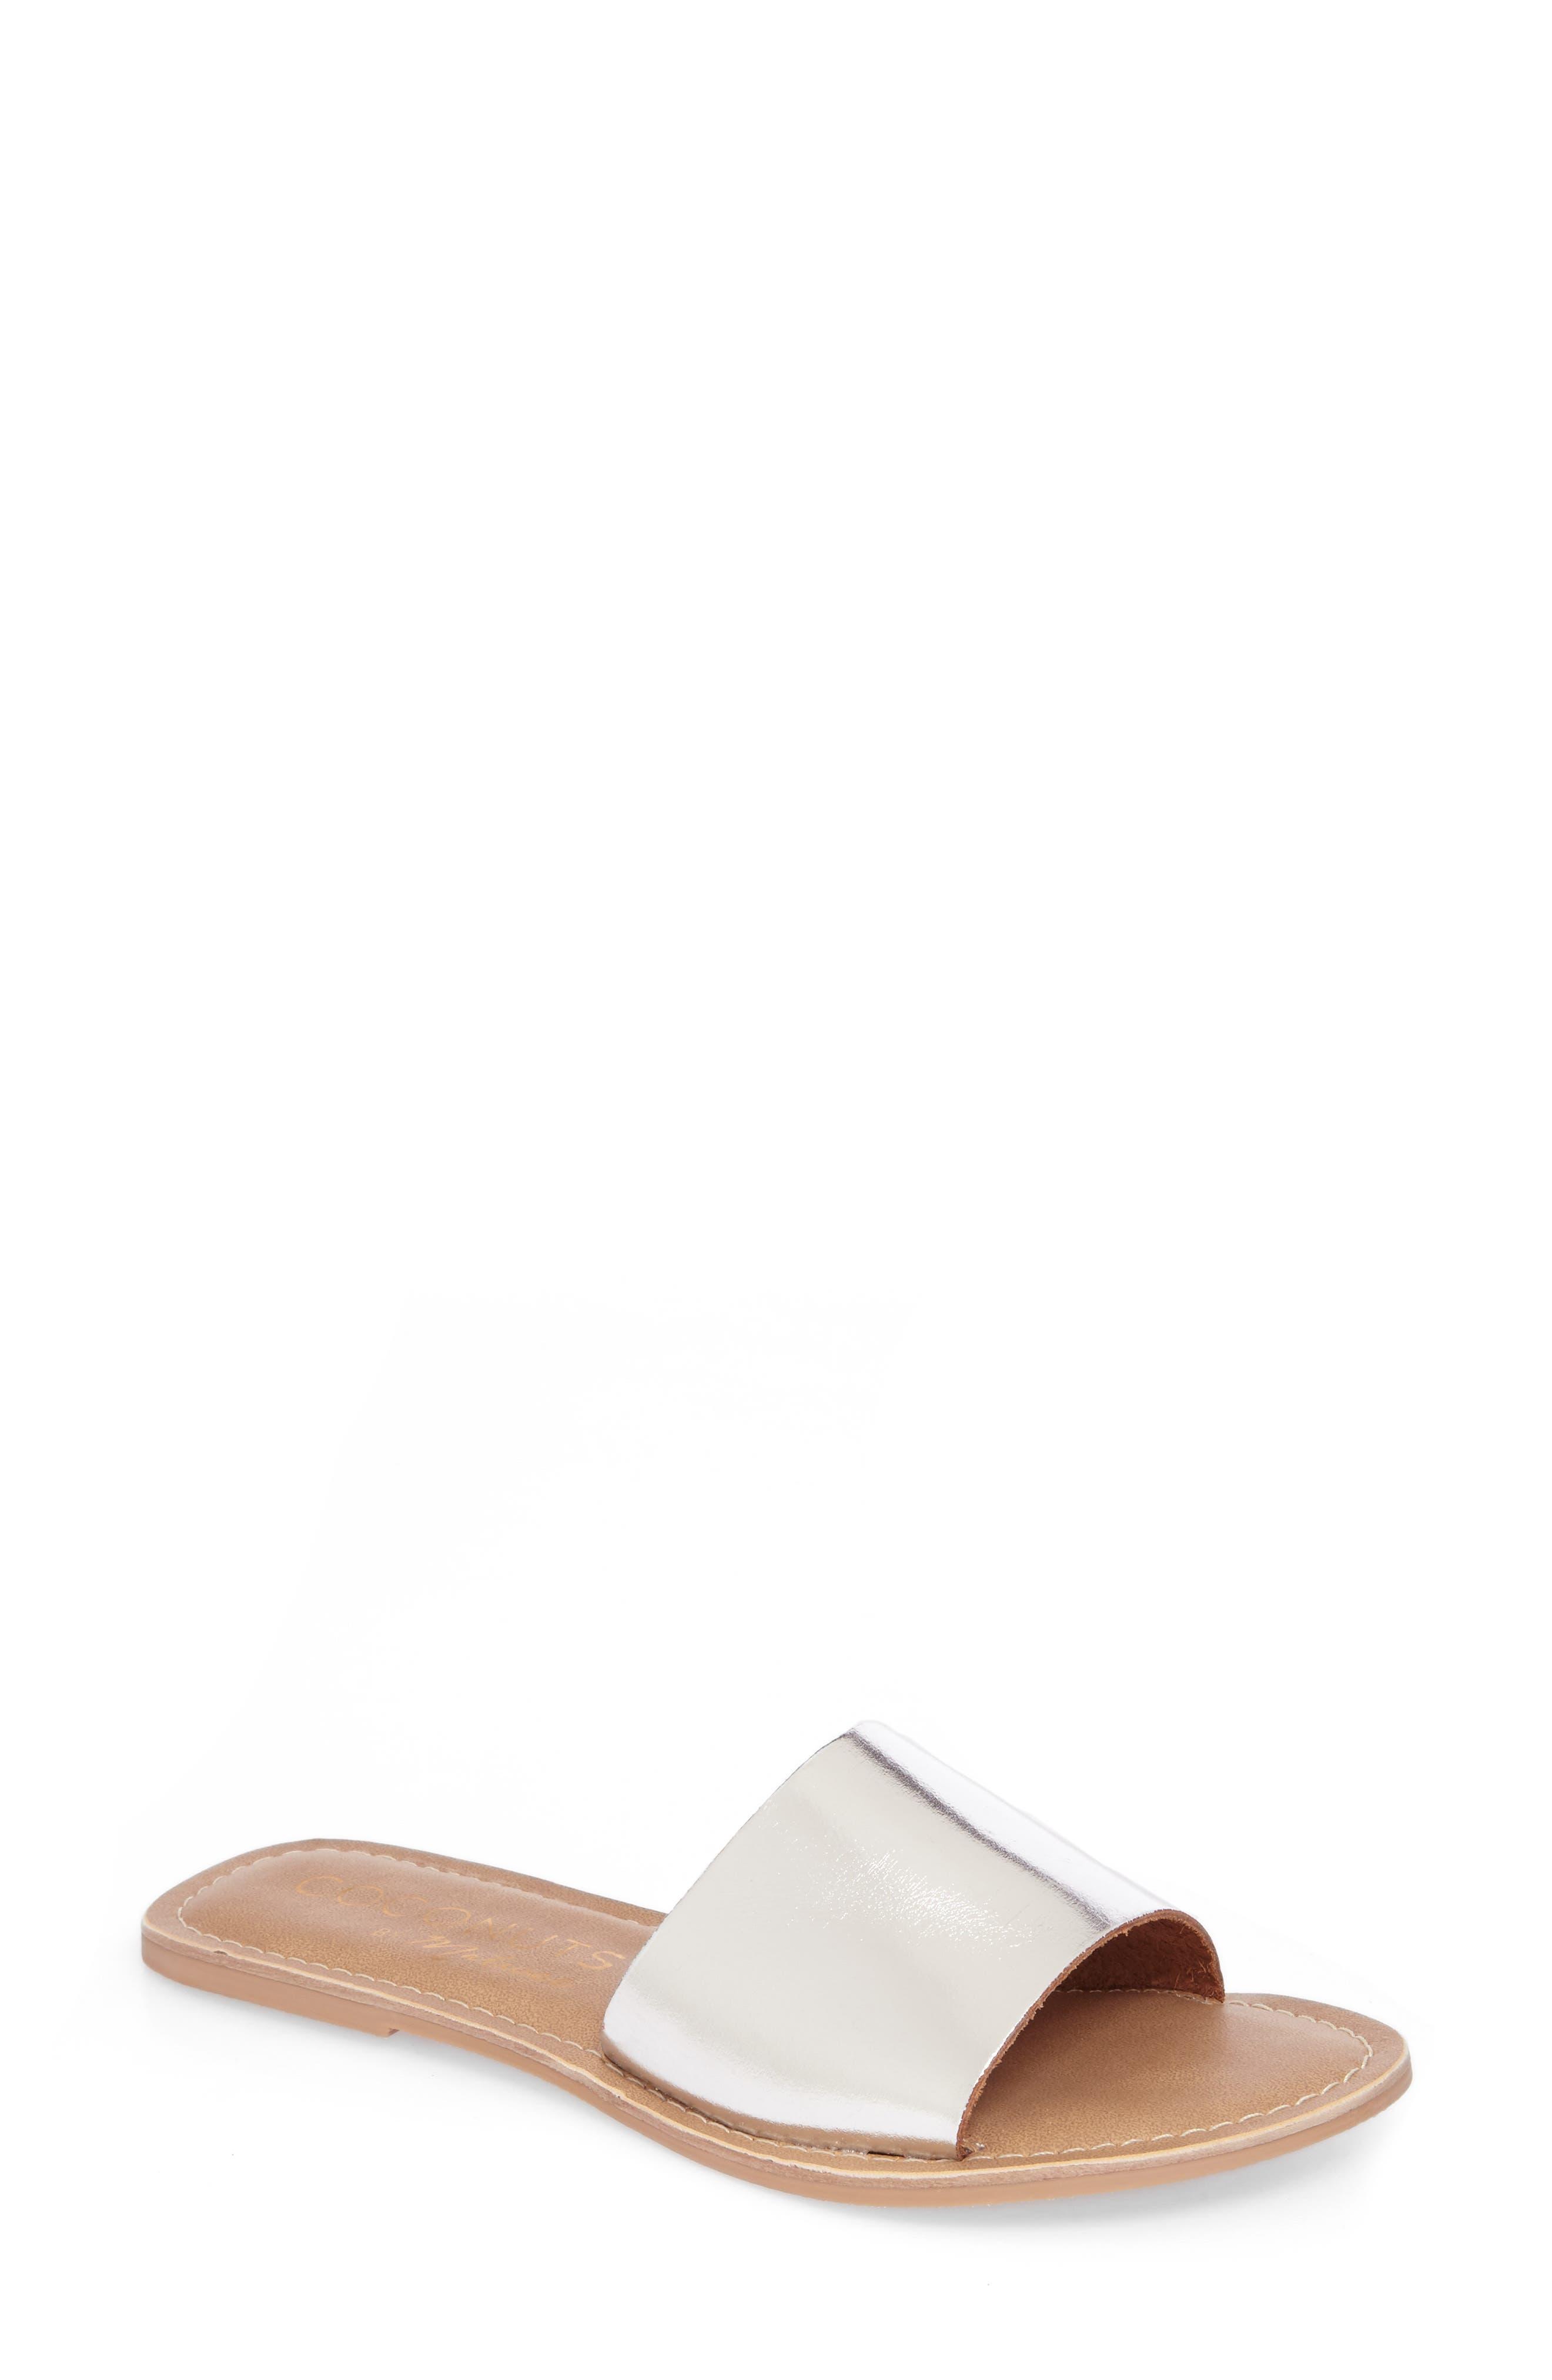 Cabana Slide Sandal,                         Main,                         color, Silver Leather